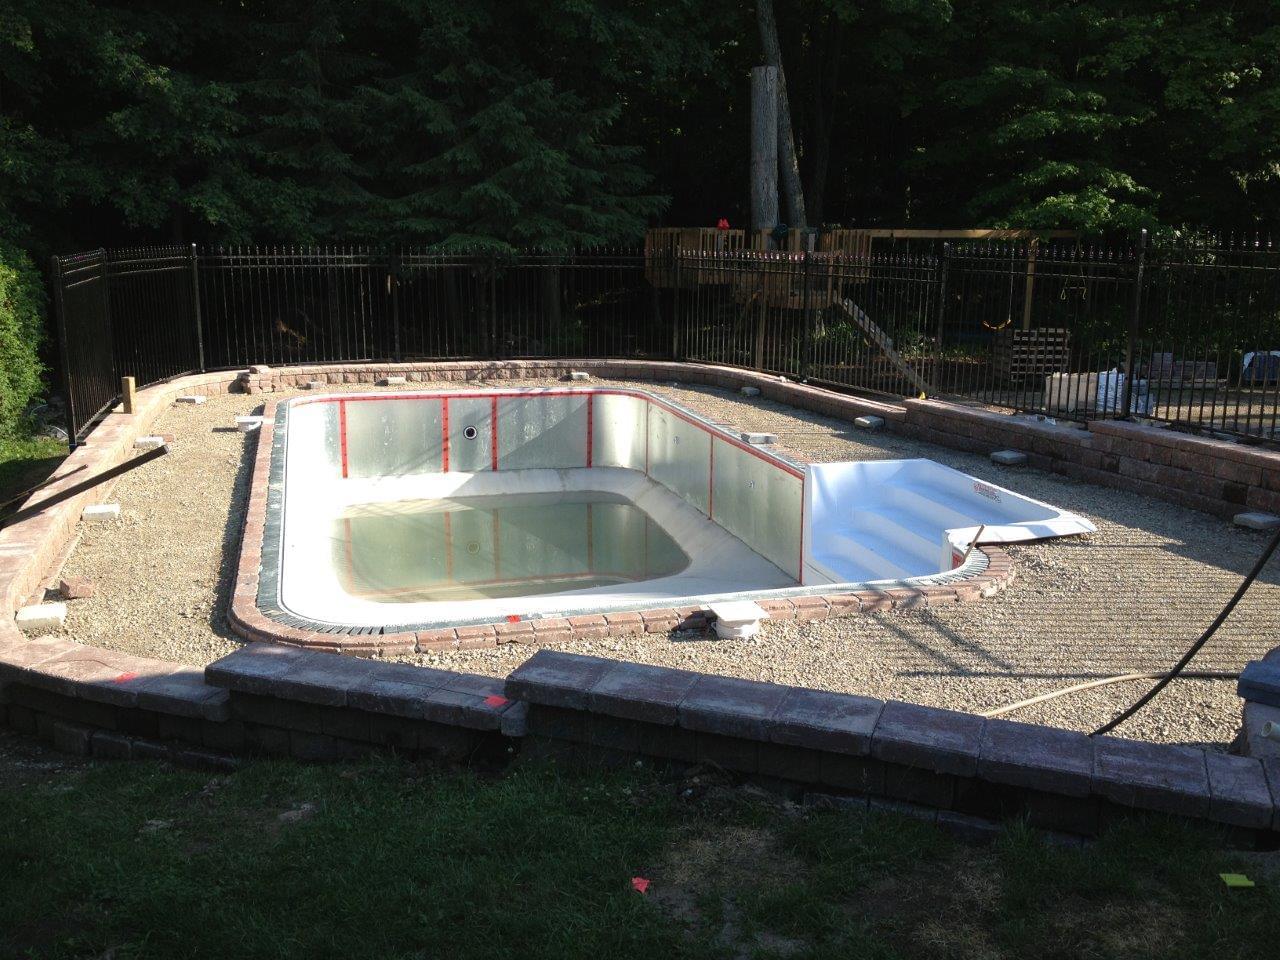 Inground pools pool supplies canada inground swimming pool inground swimming pool build solutioingenieria Images